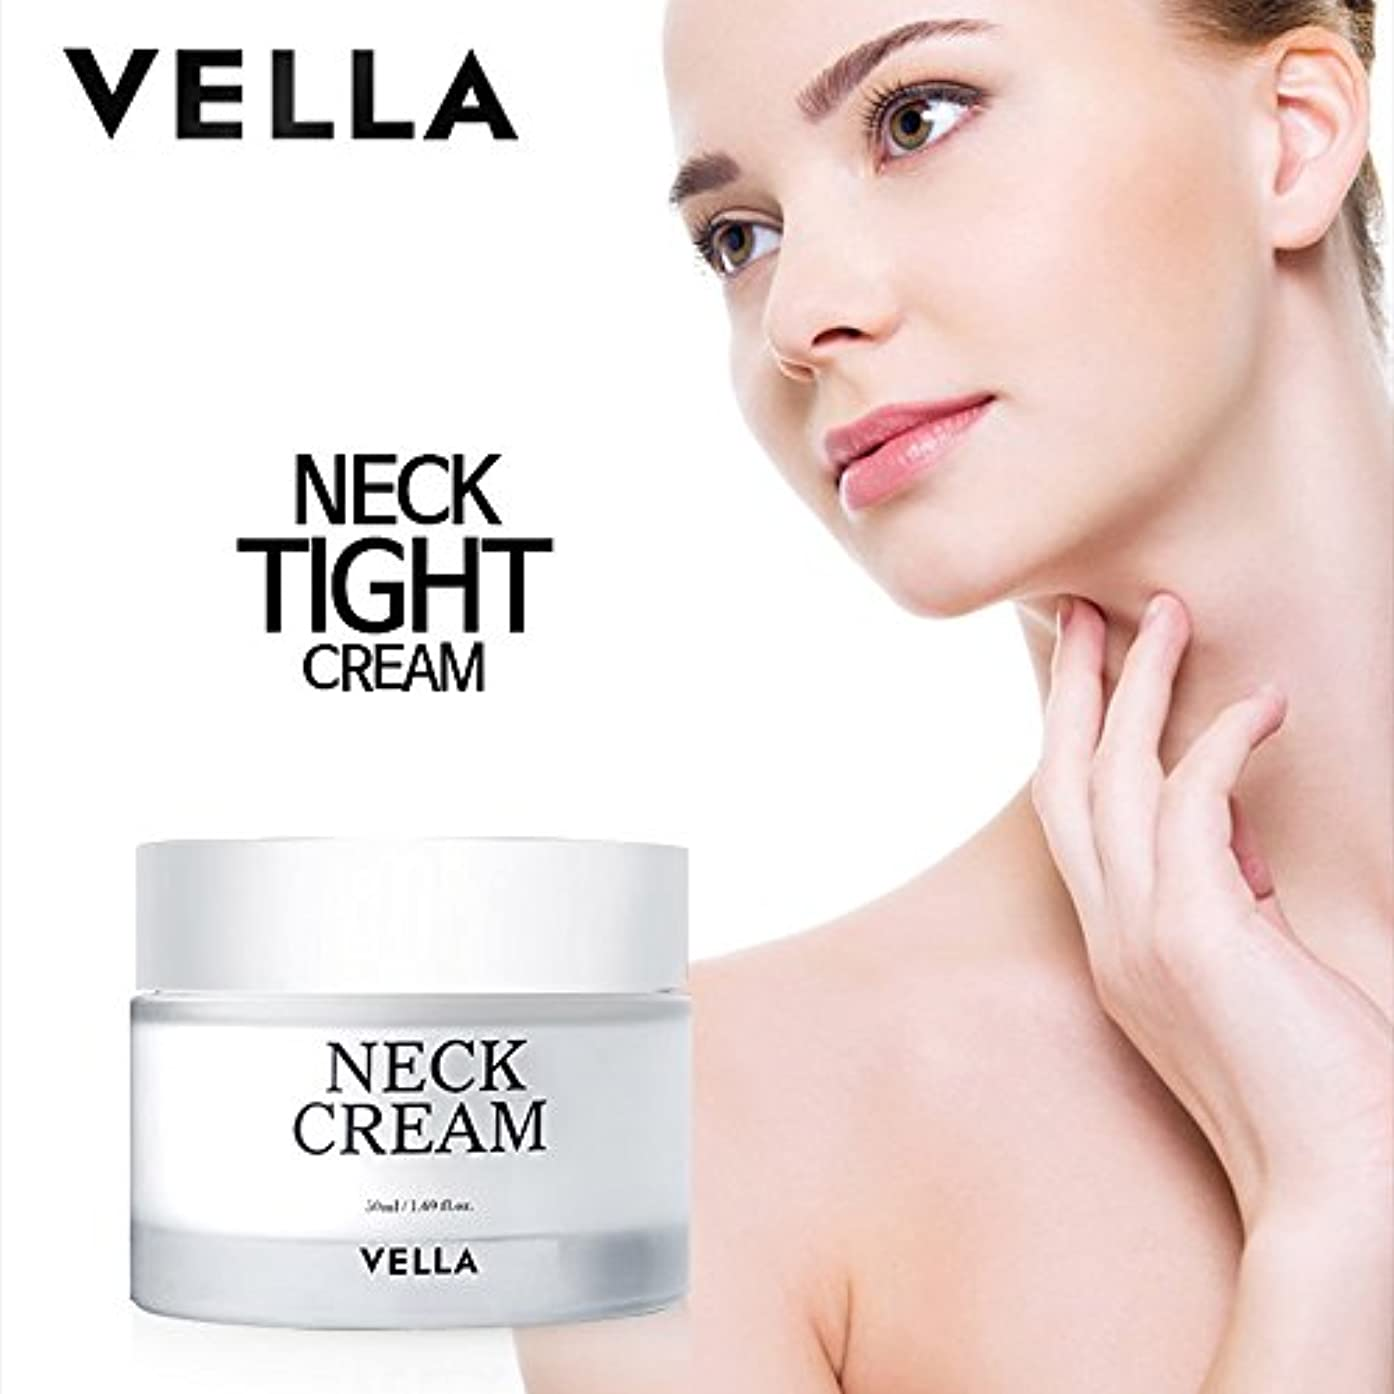 優雅汚染する高速道路VELLA Anti Wrinkle & Whitening Strong Neck Cream(体がキレイvella首専用のクリーム) 50ml [並行輸入品]